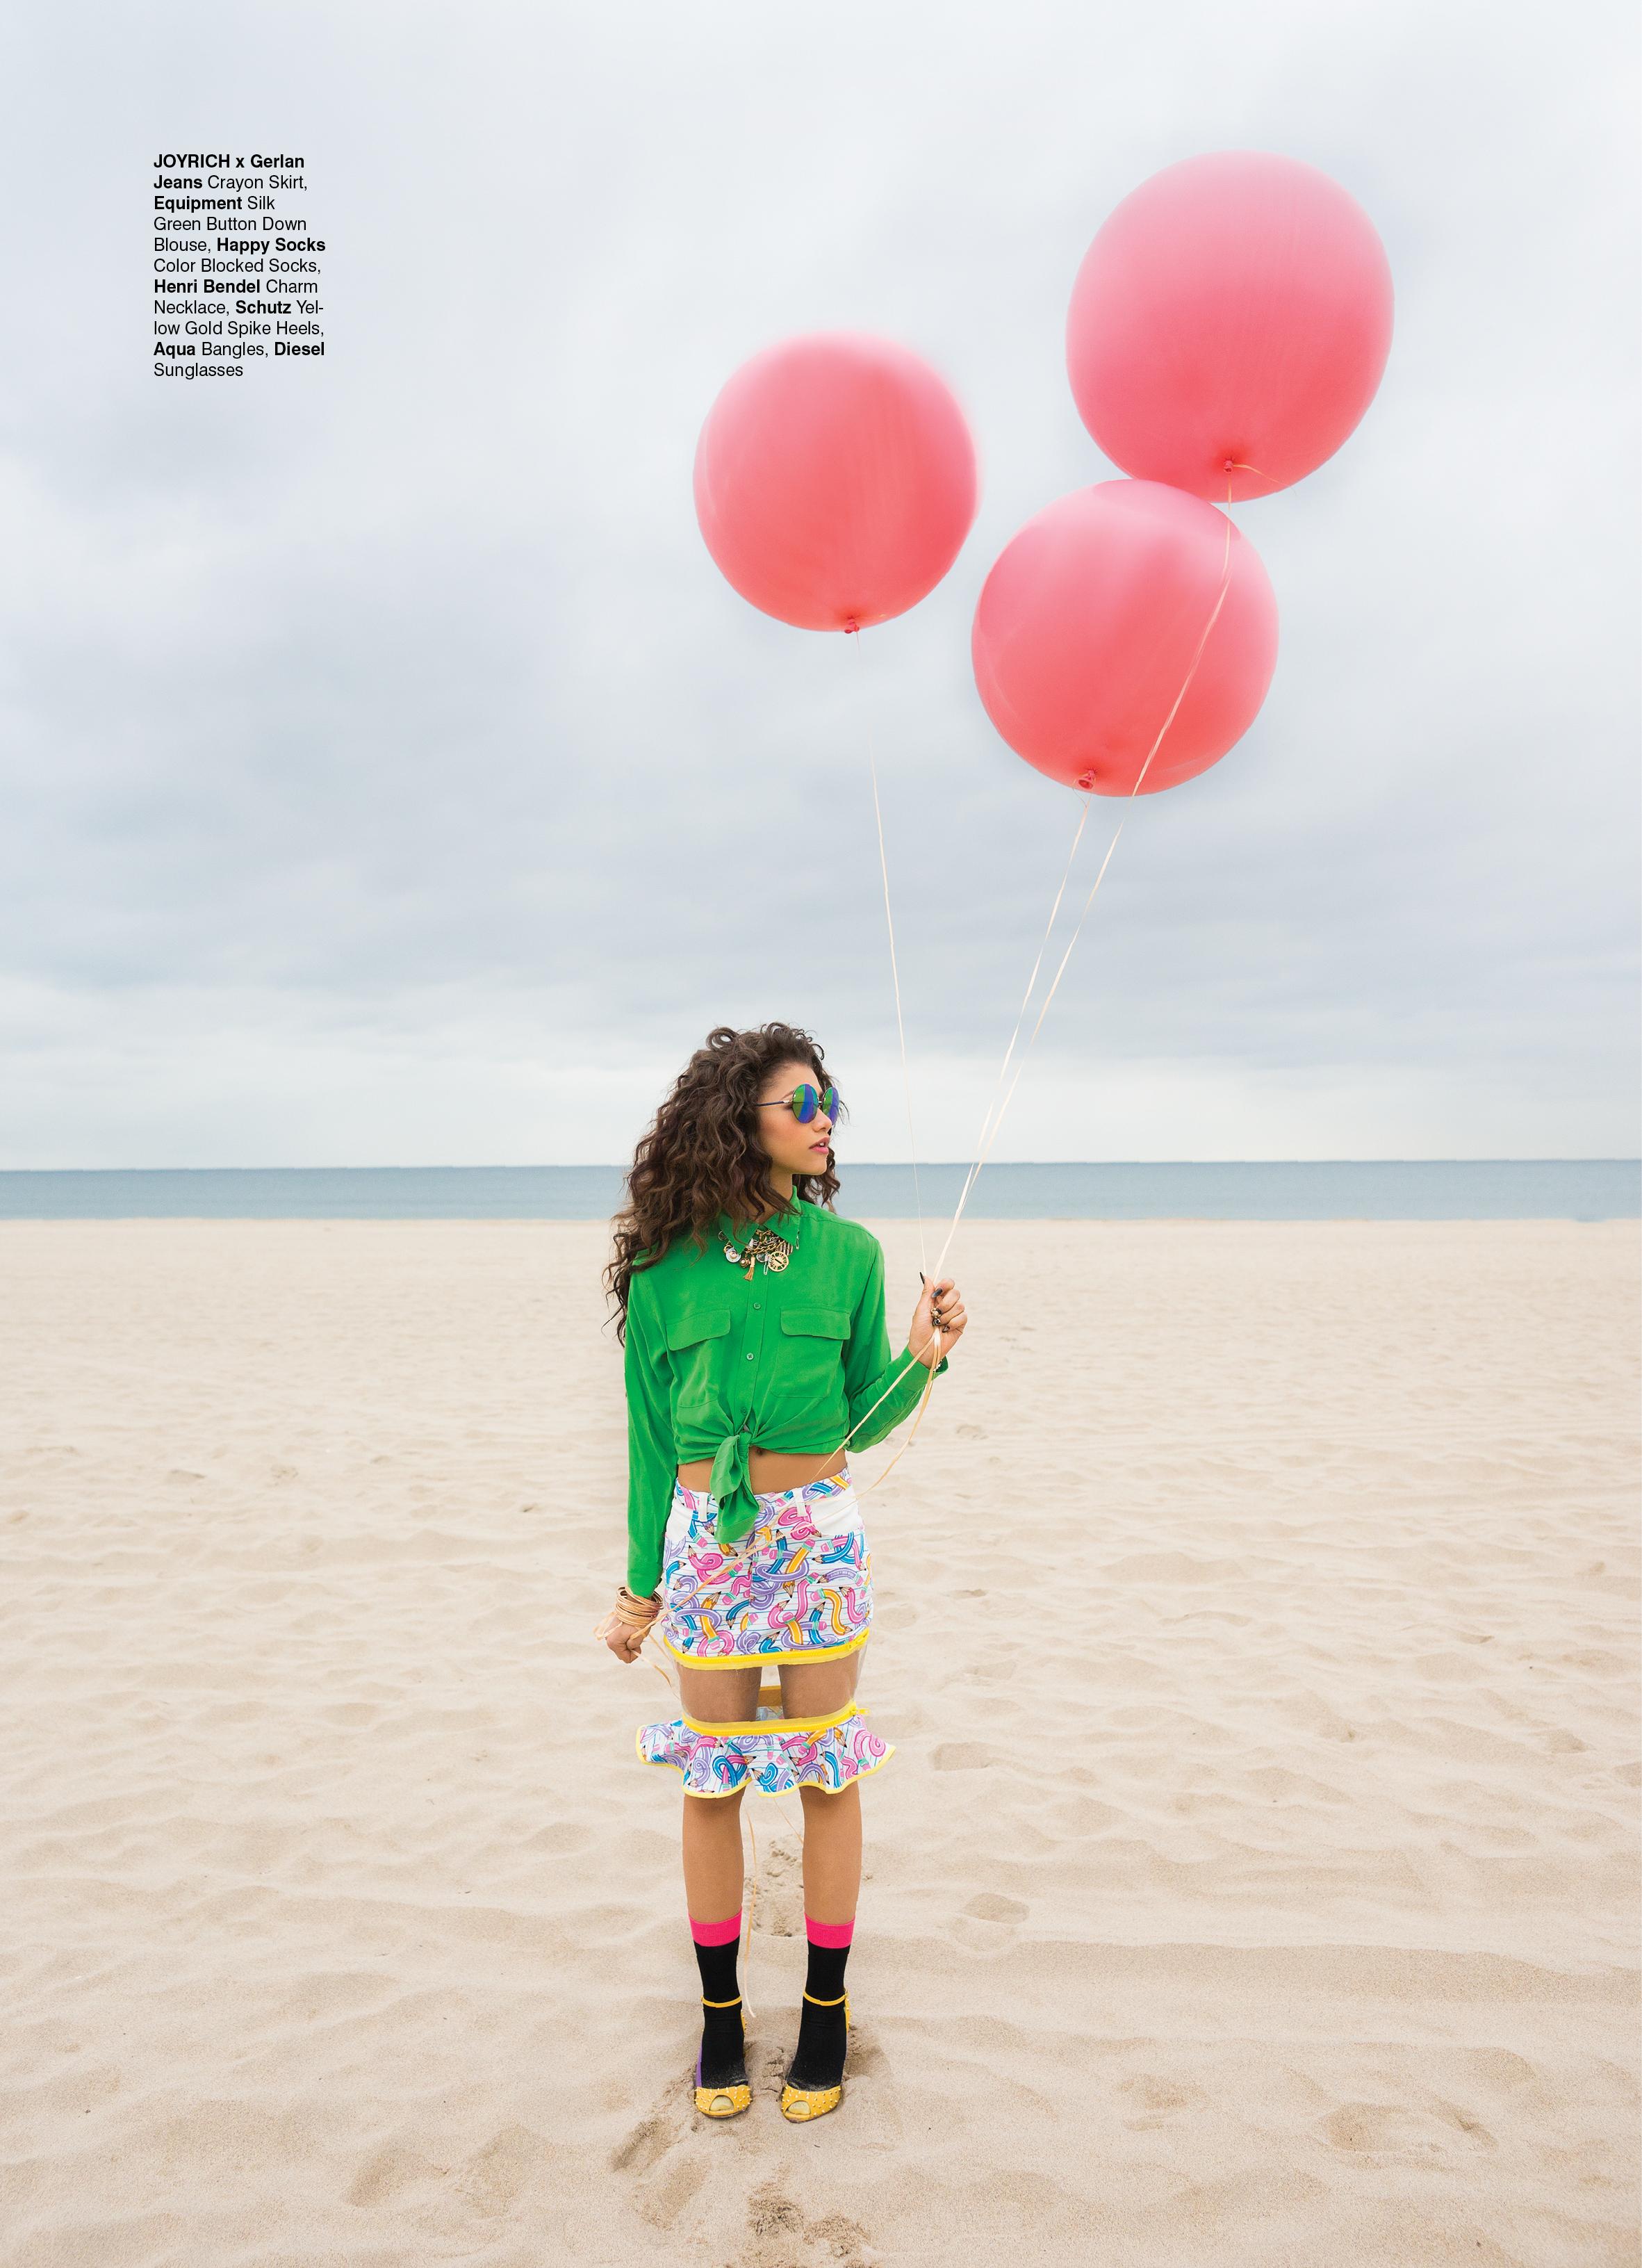 Color zen magazine - Color Zen Magazine 59